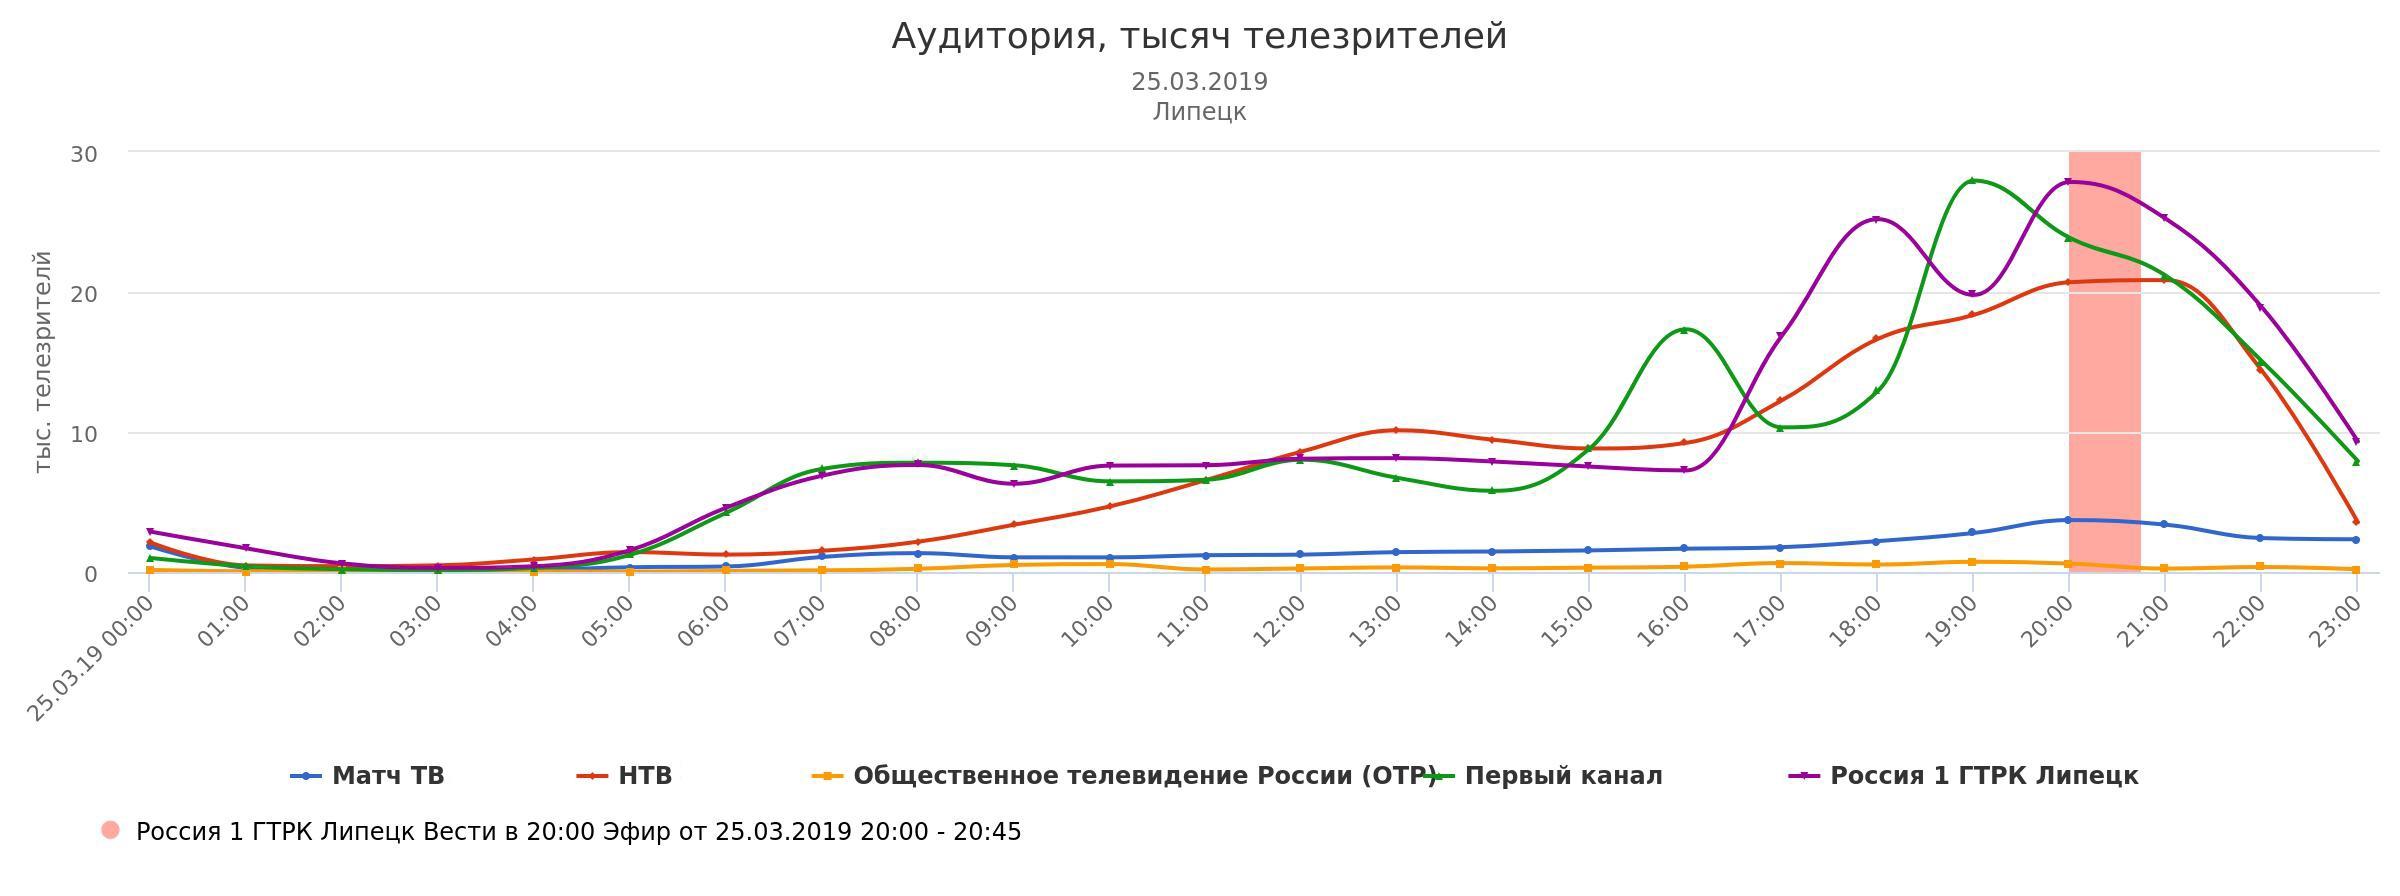 Жители Липецкой области больше всего смотрят телеканал «Россия 1» — Изображение 3